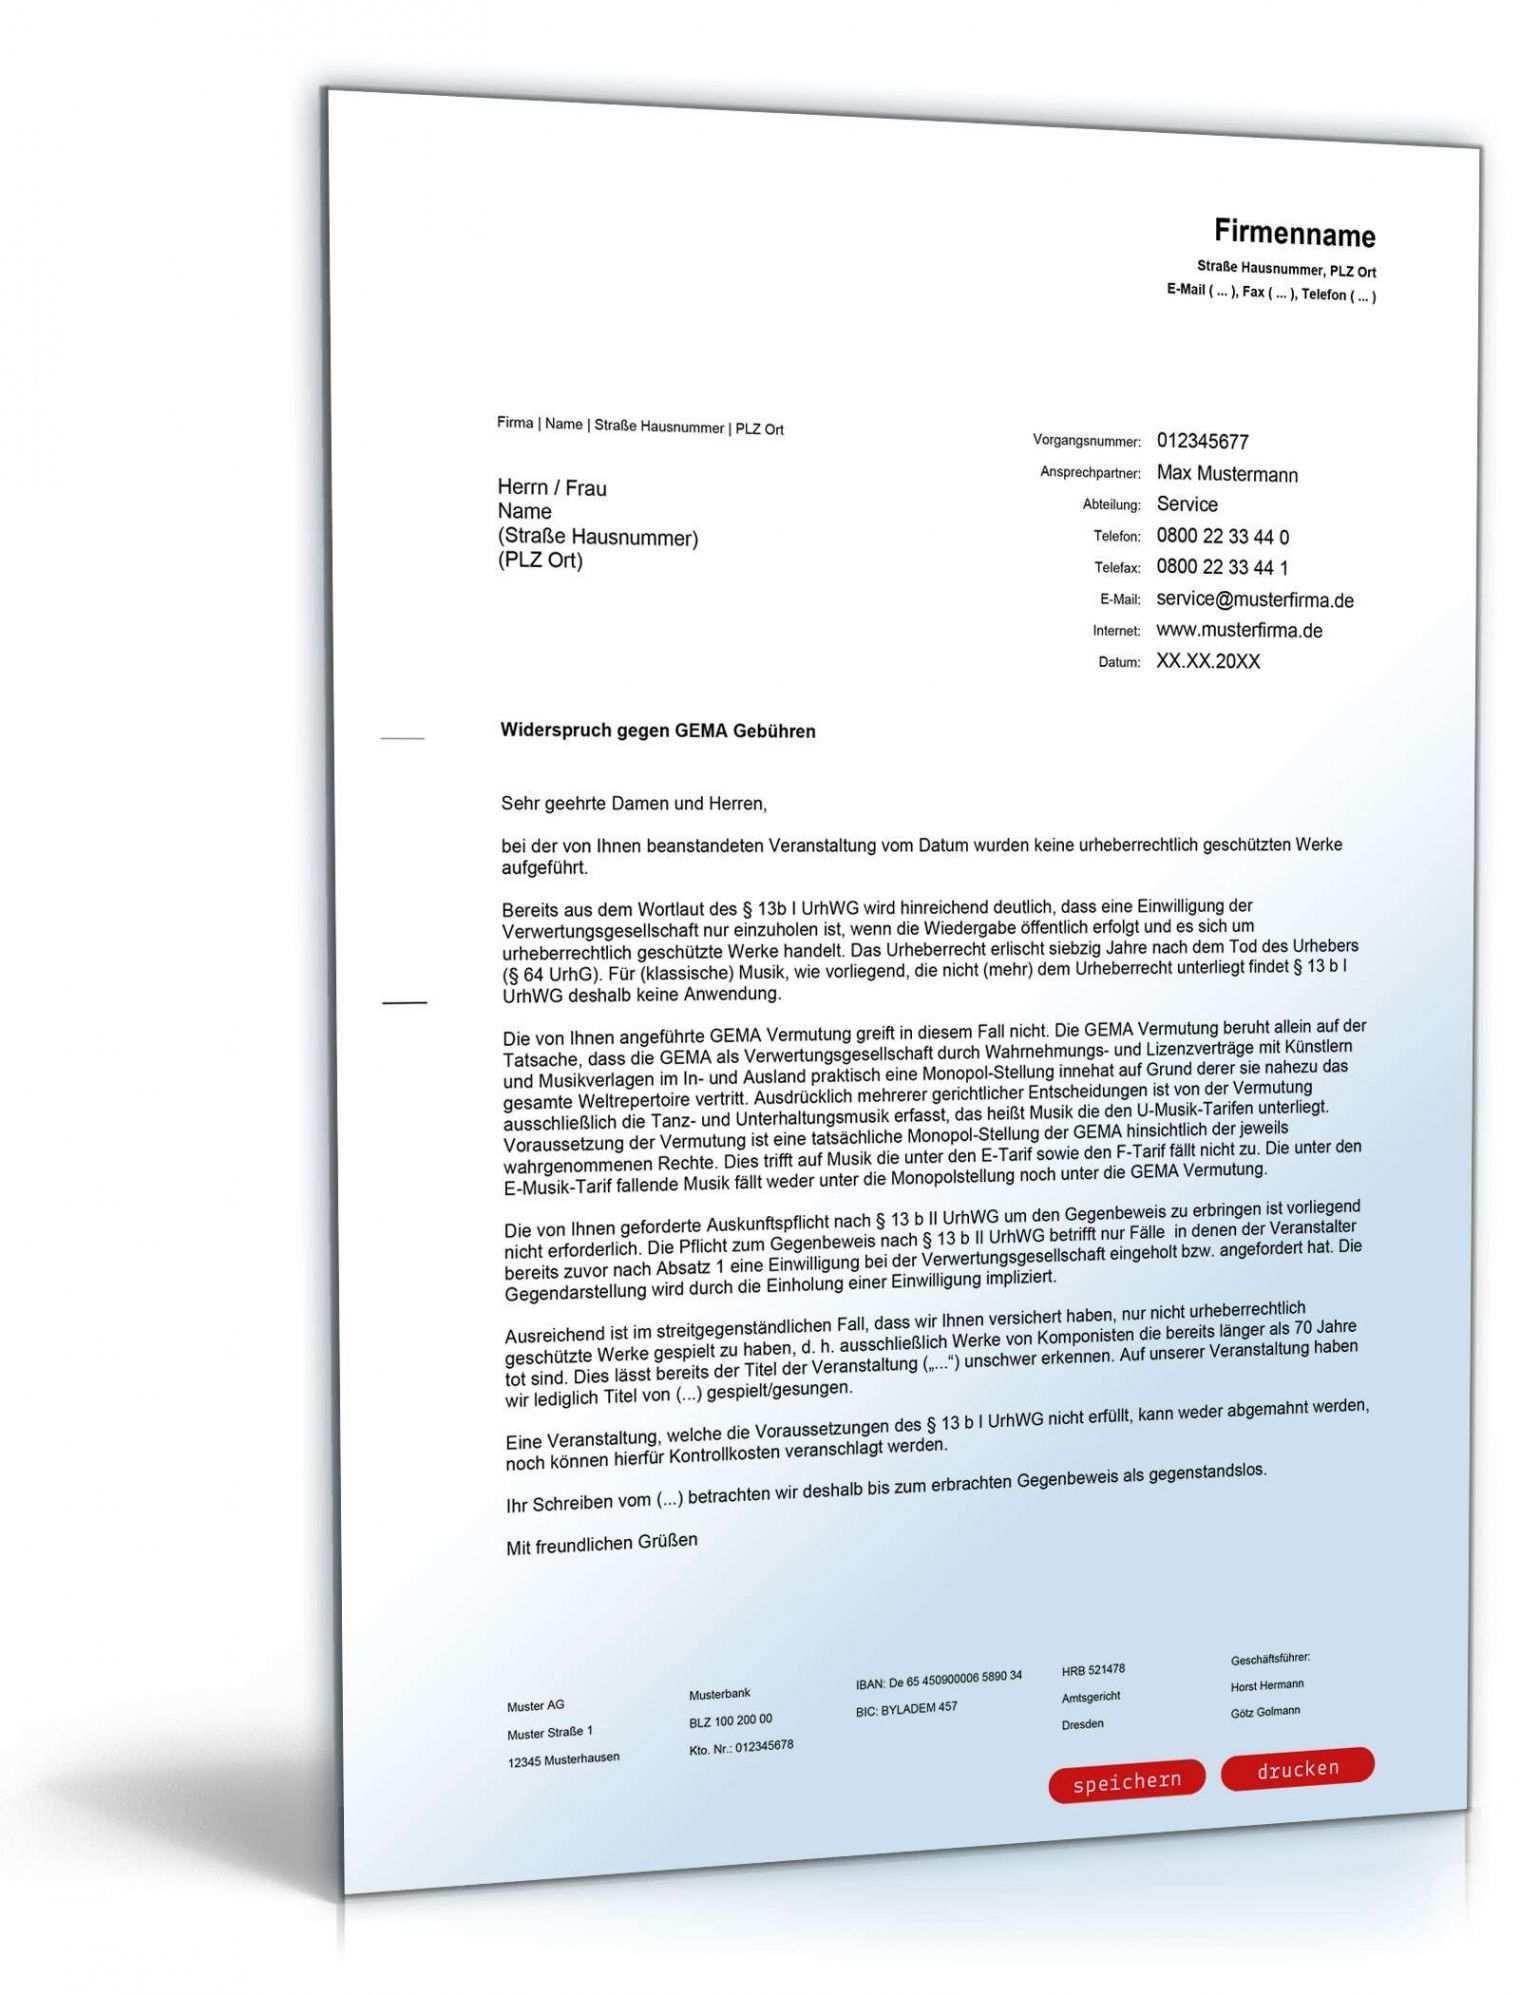 Scrollen Unsere Das Sample Von Widerspruch Rechnung Vorlage Kostenlos In 2020 Rechnung Vorlage Rechnungsvorlage Vorlagen